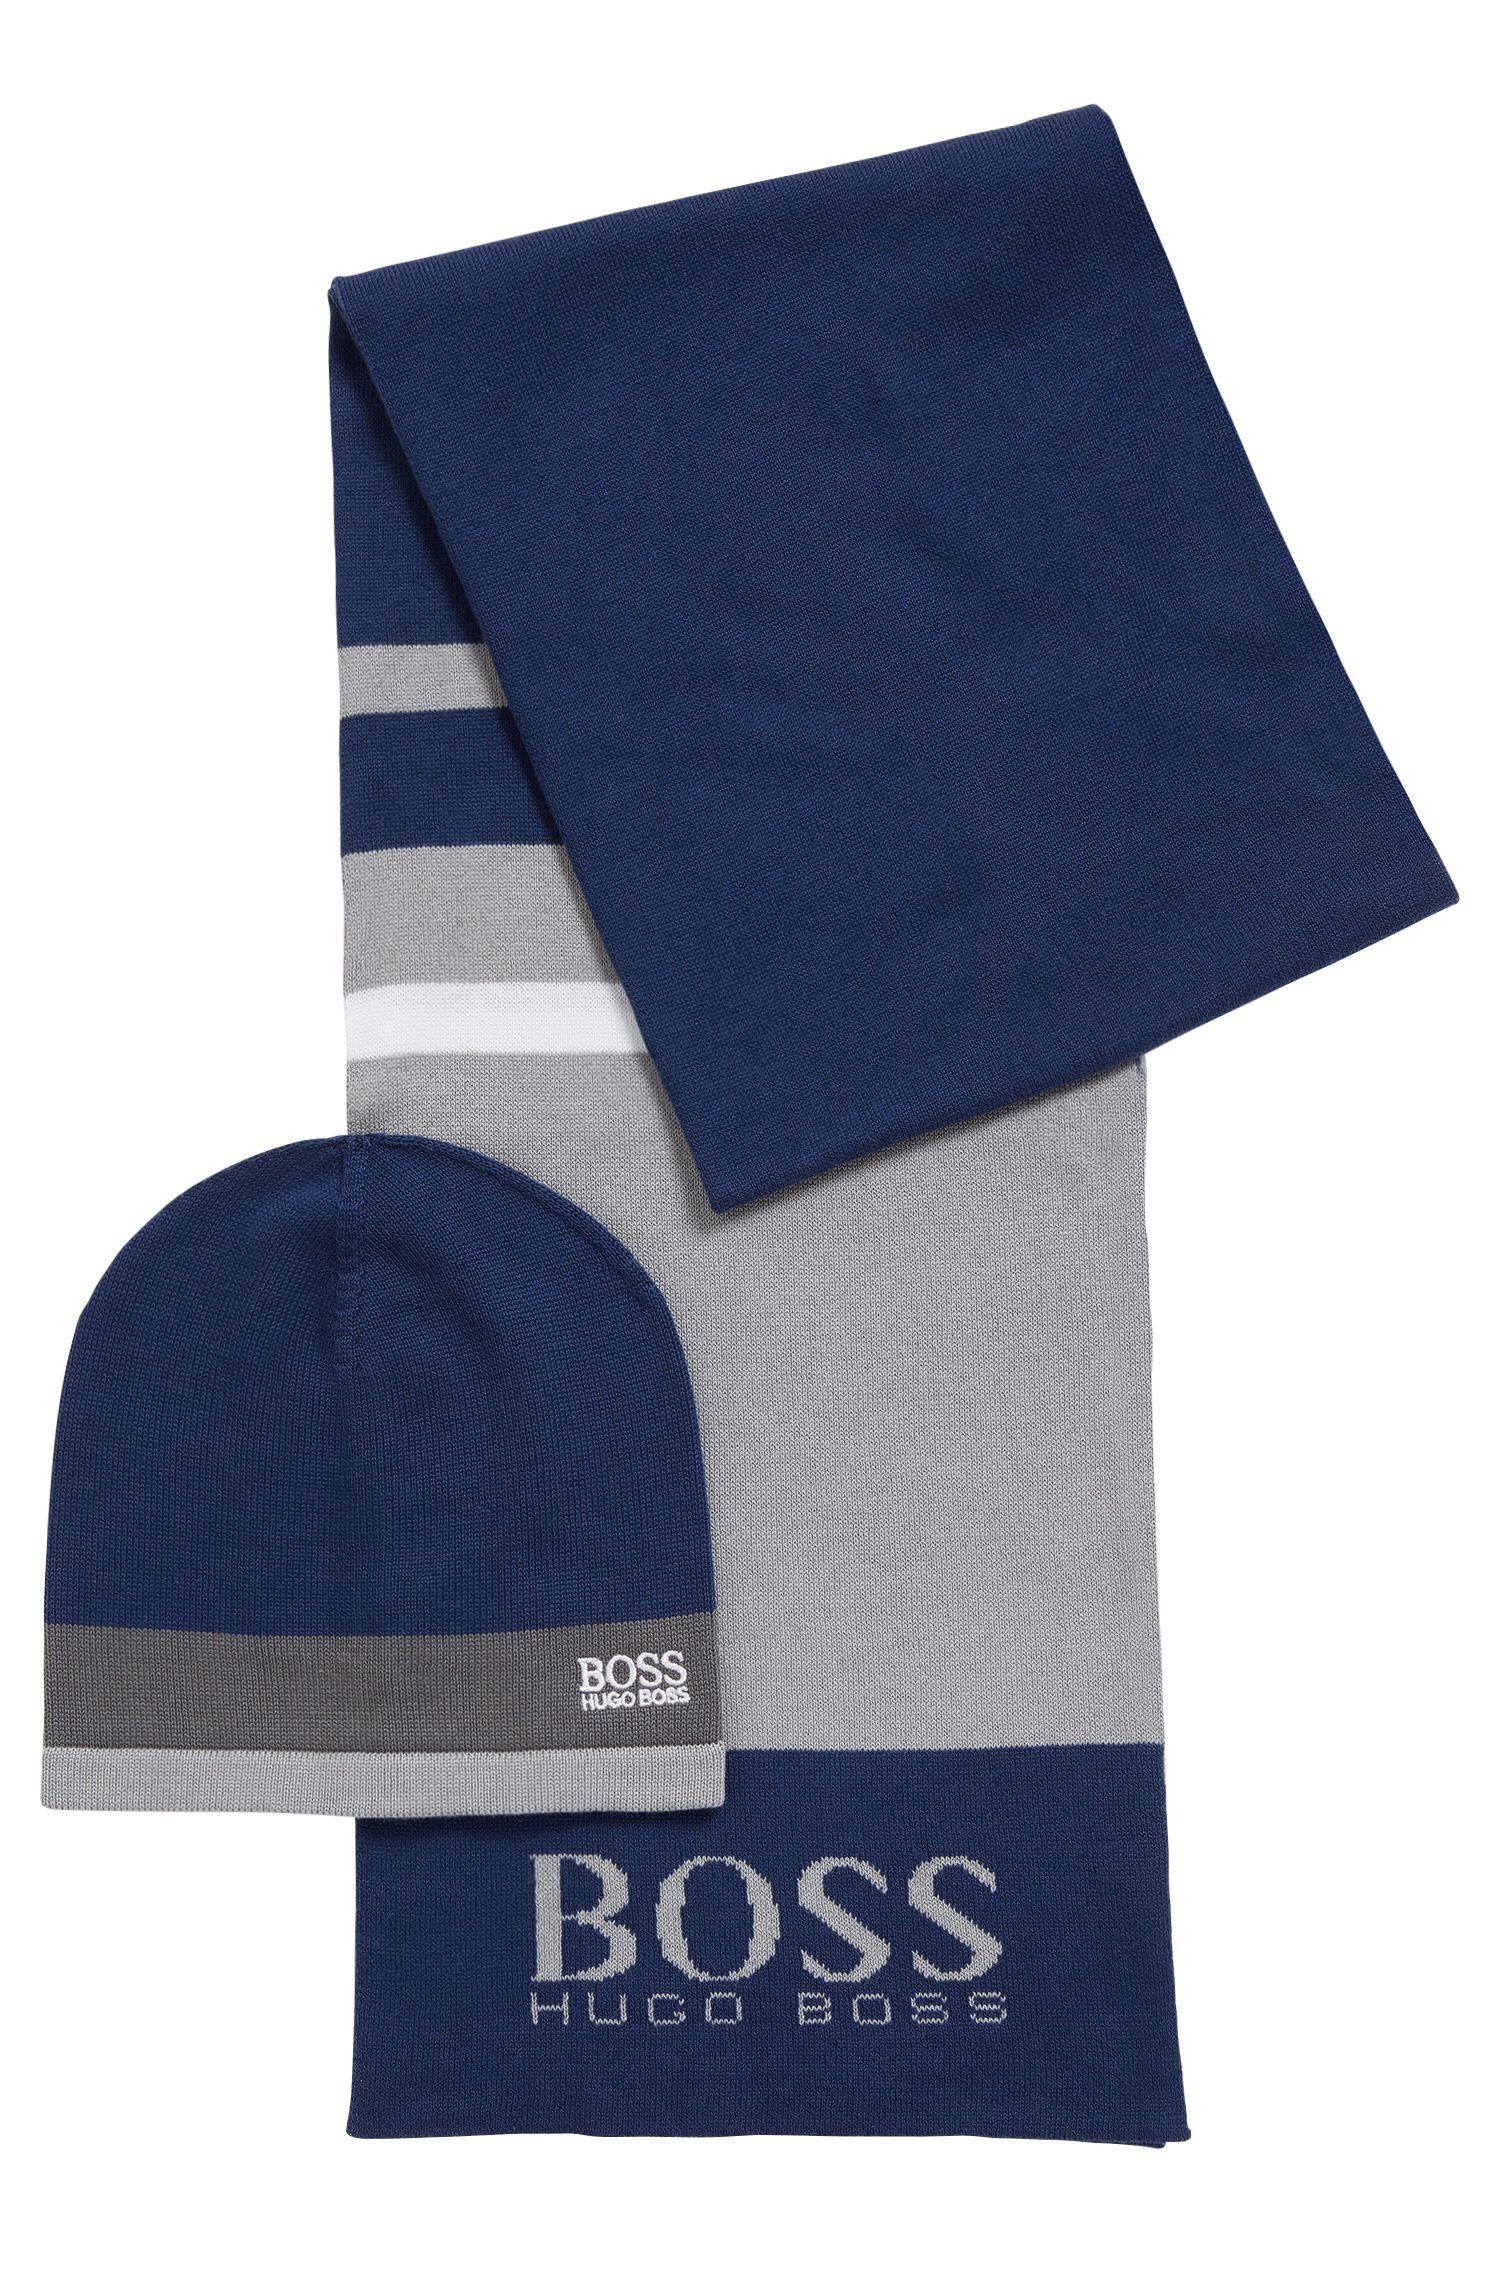 Geschenk-Set mit Schal und Mütze aus Baumwoll-Mix